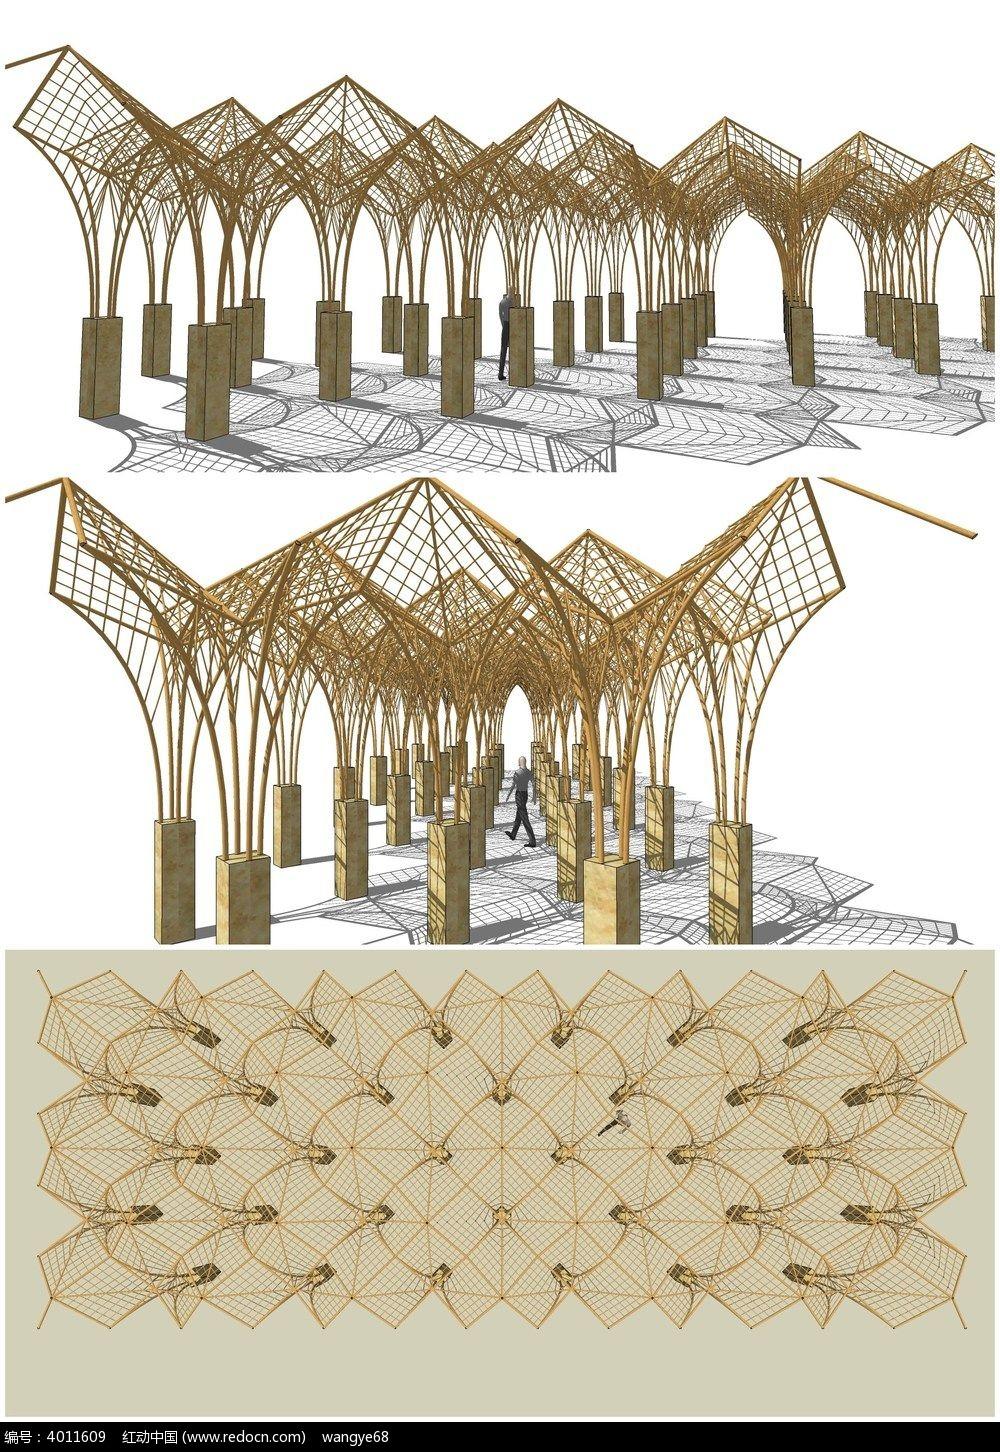 欧式现代廊架花架su模型图片